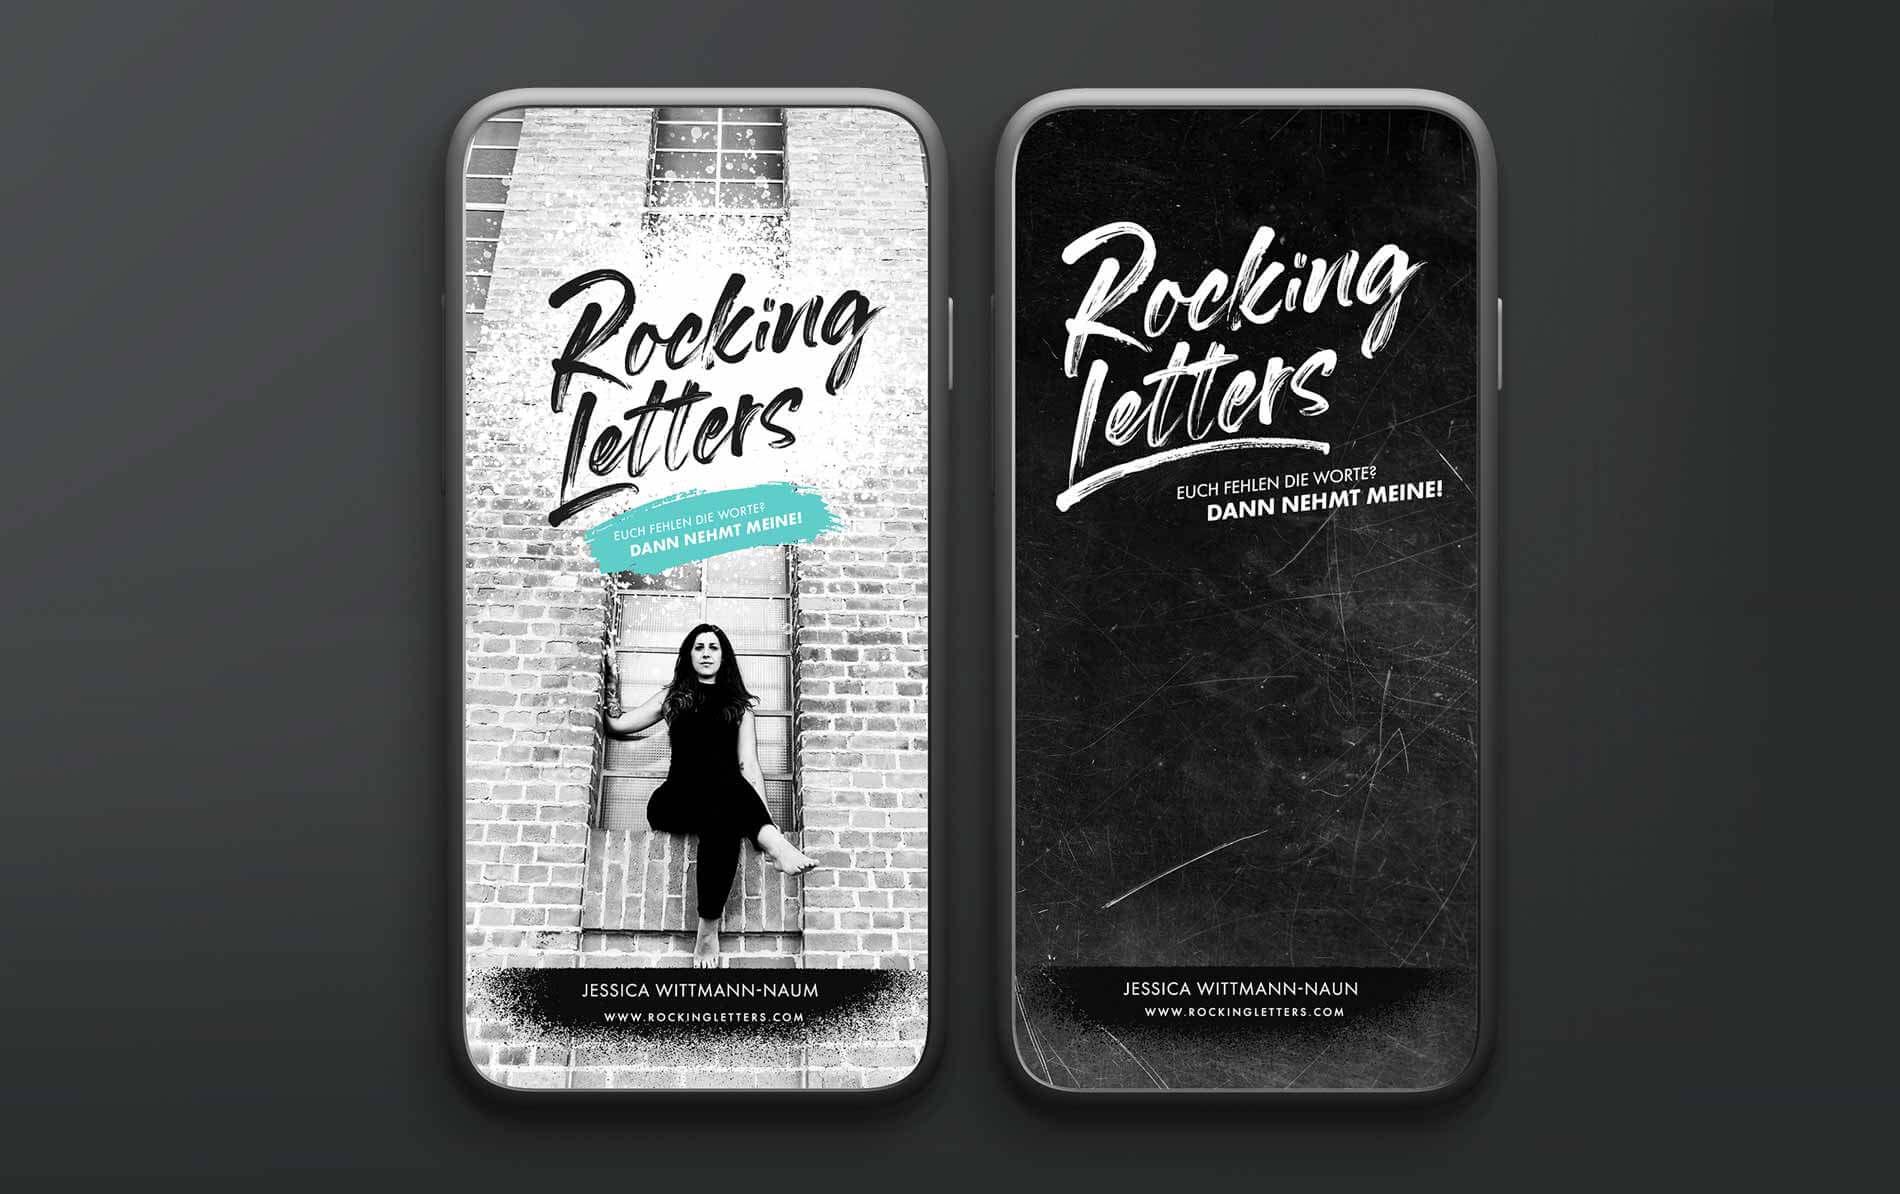 Zwei iPhones mit dem neuen Instagram Feed Design für Rocking Letters